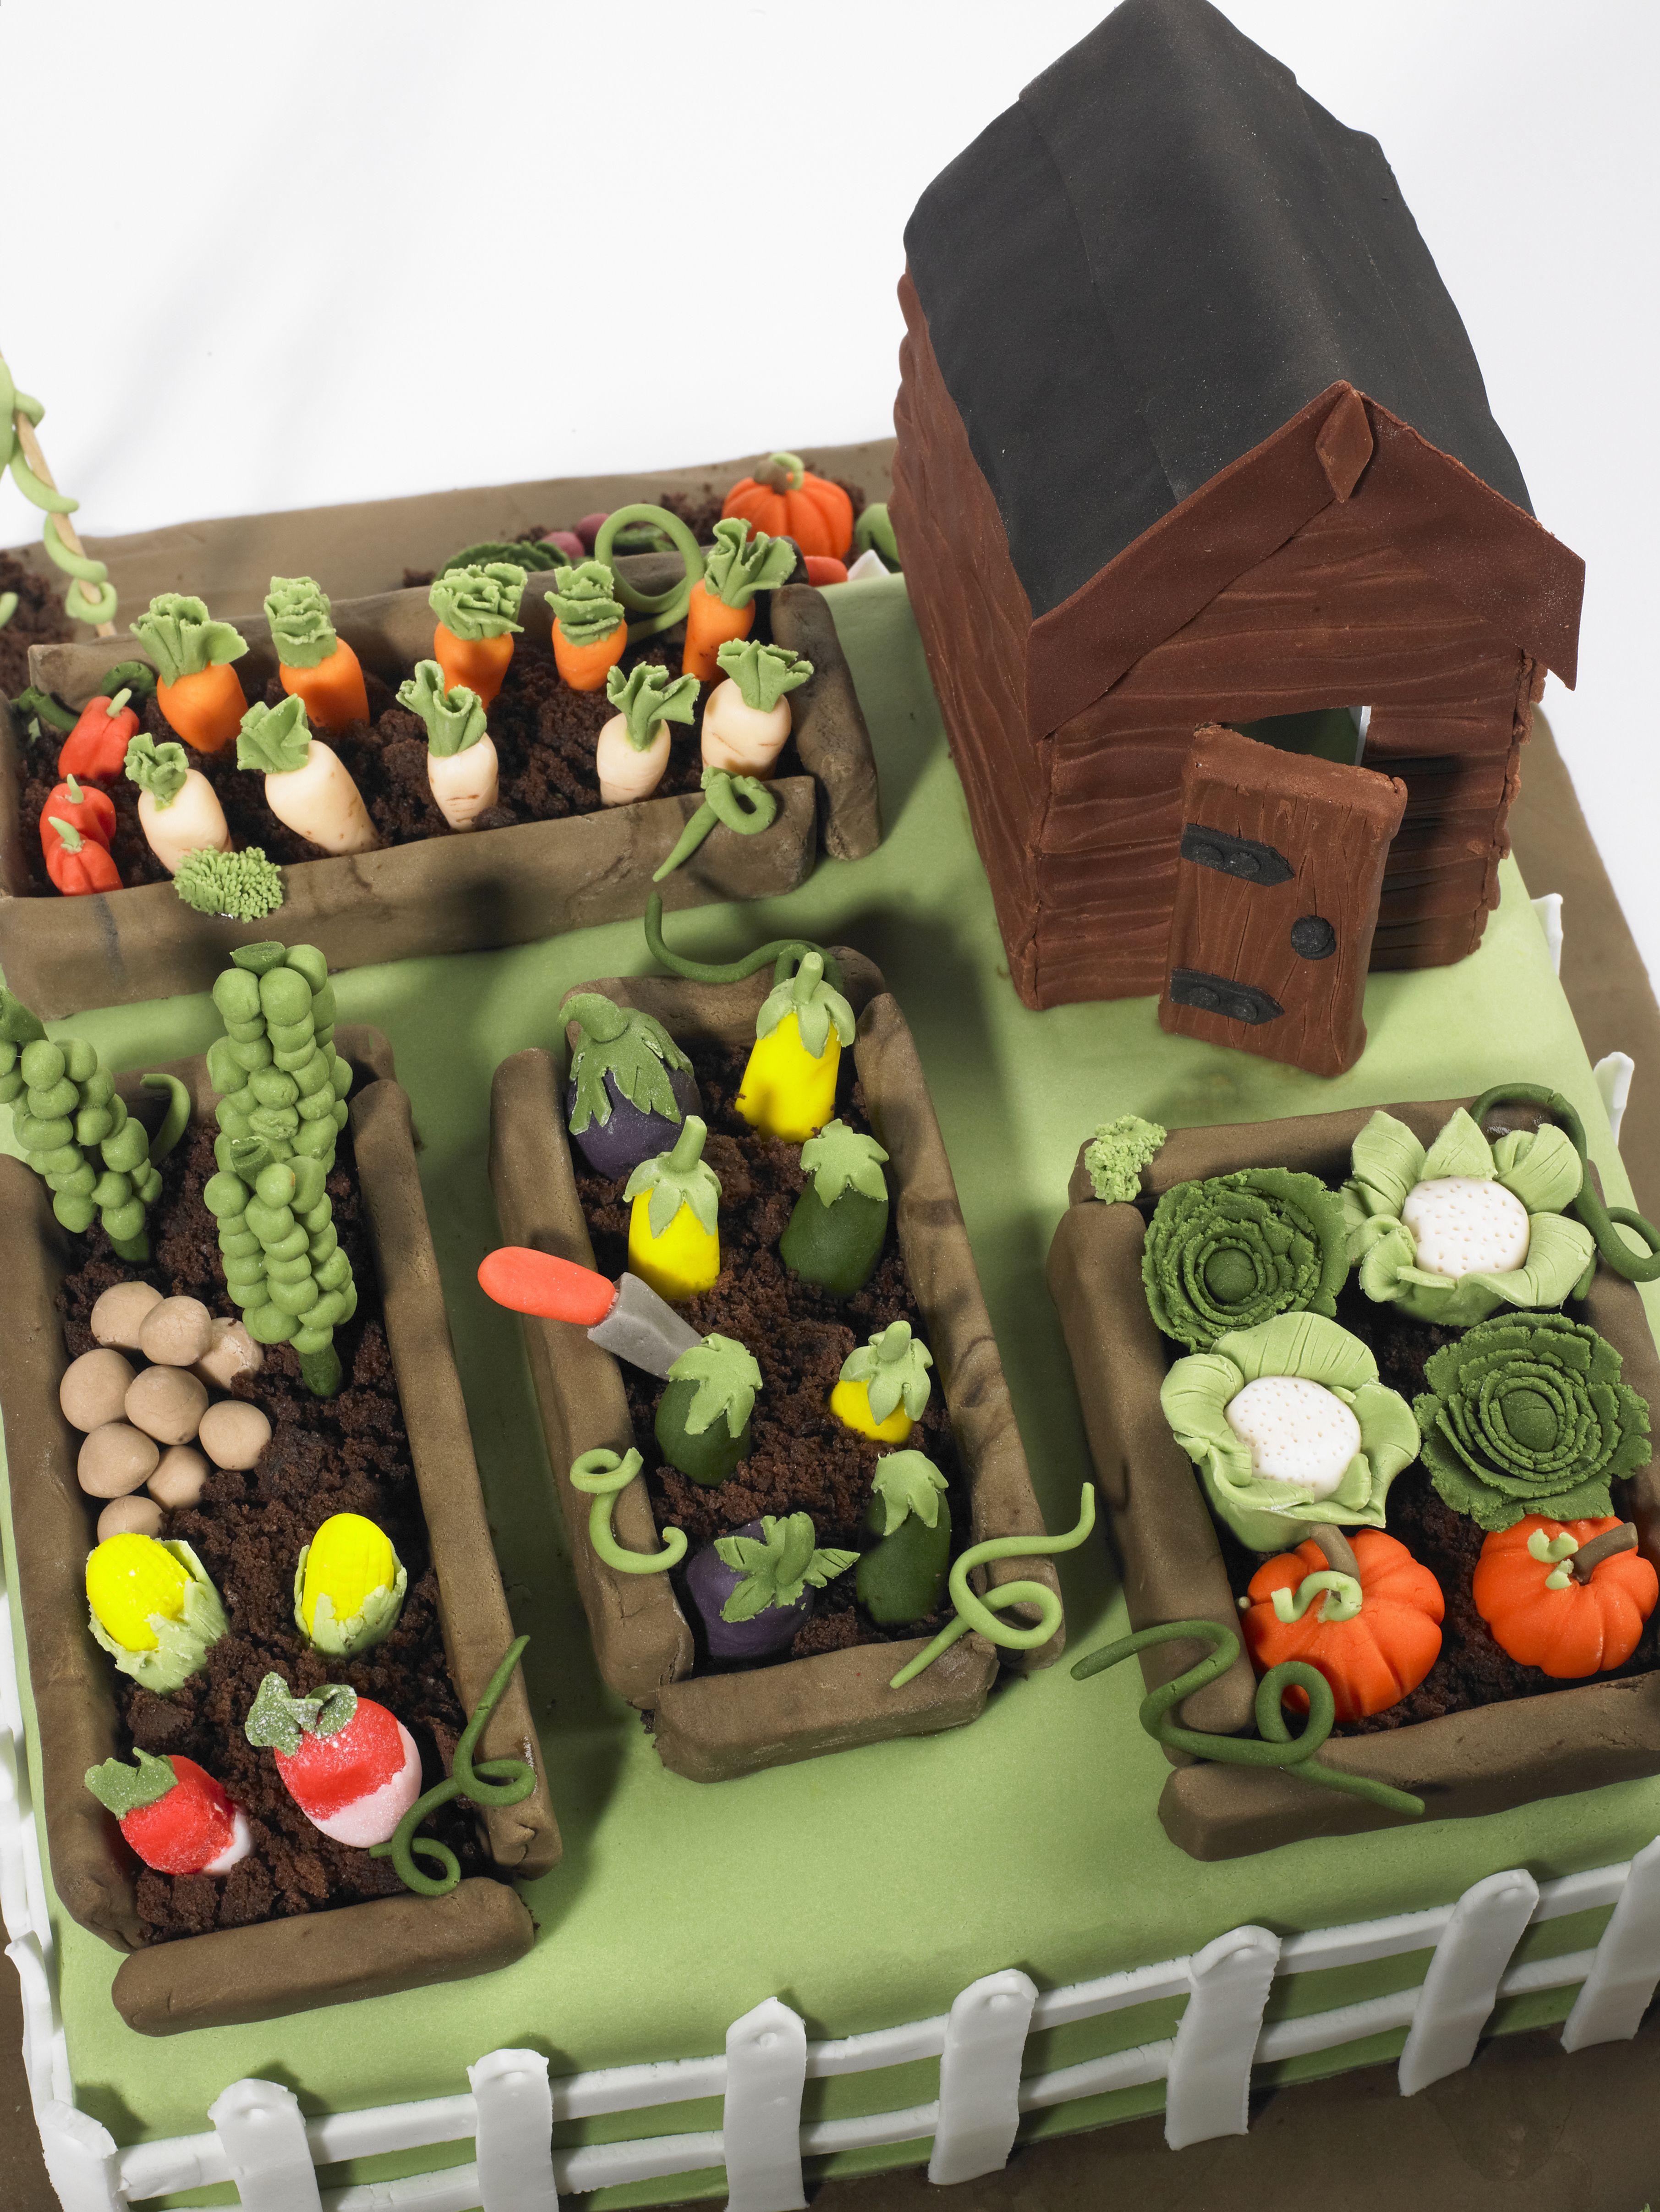 Vegetable garden cake cake ideas pinterest for Vegetable garden cake ideas